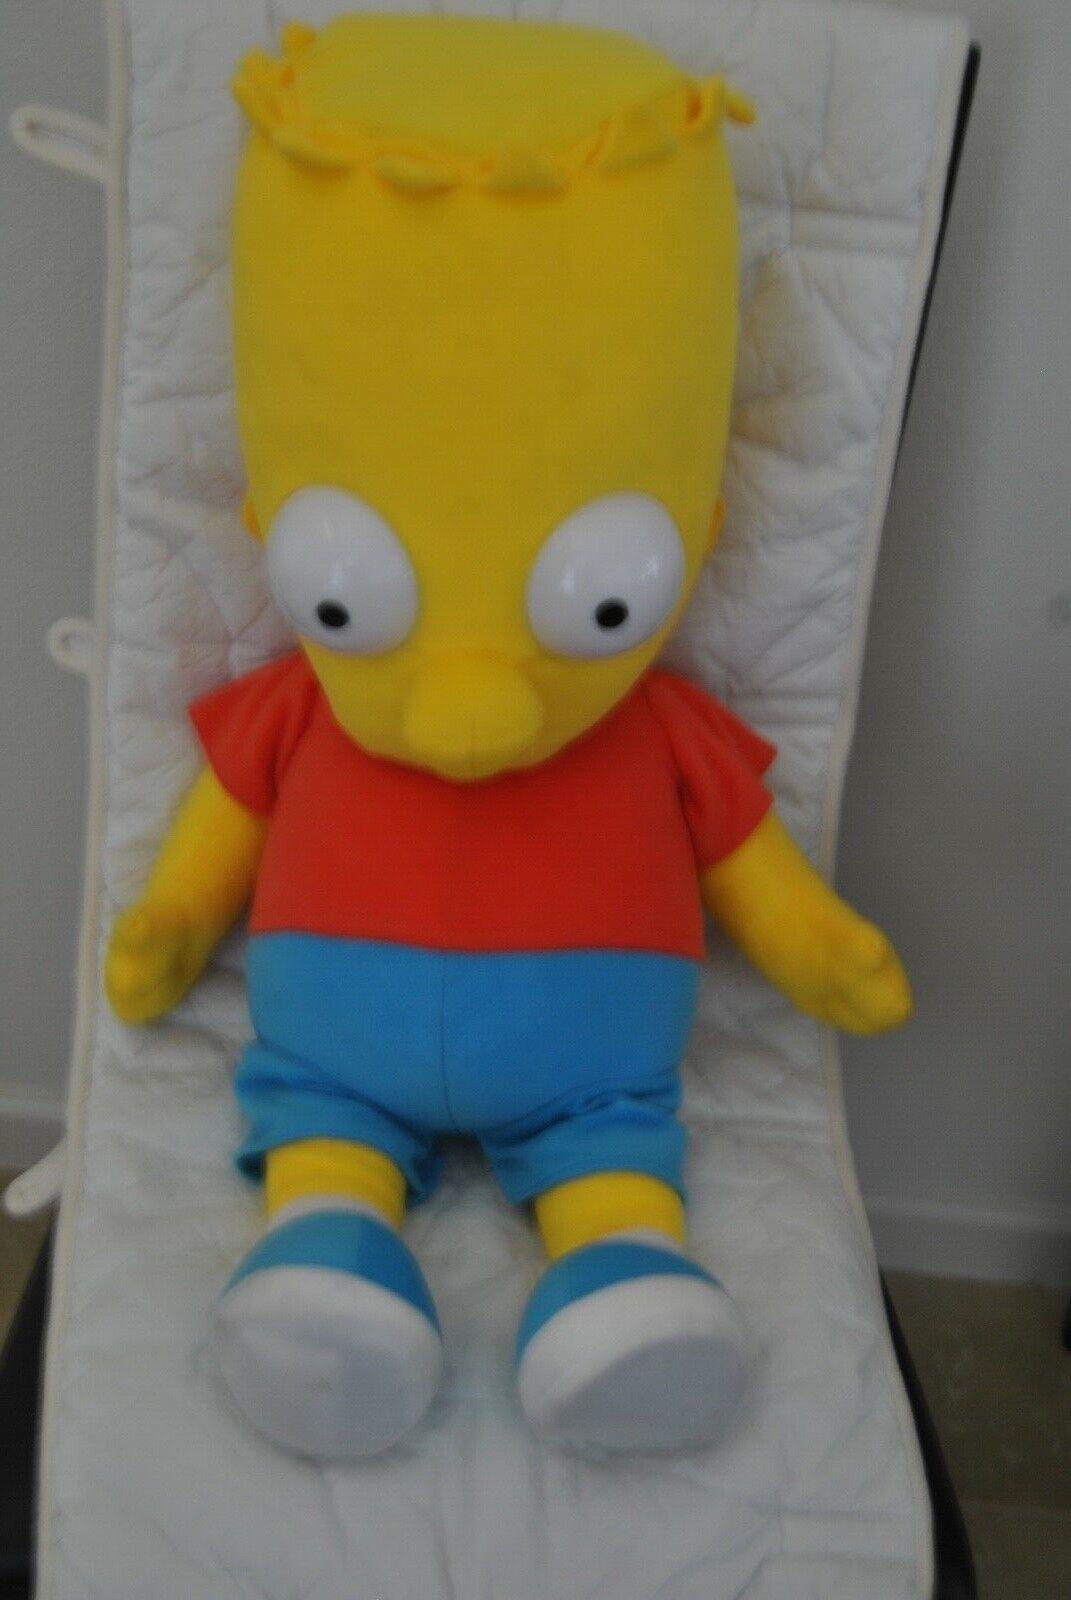 Los juguetes de terciopelo de Bart Simpson, 1999, 1999, 1999, la rara altura de tres pies en Simpson. db2